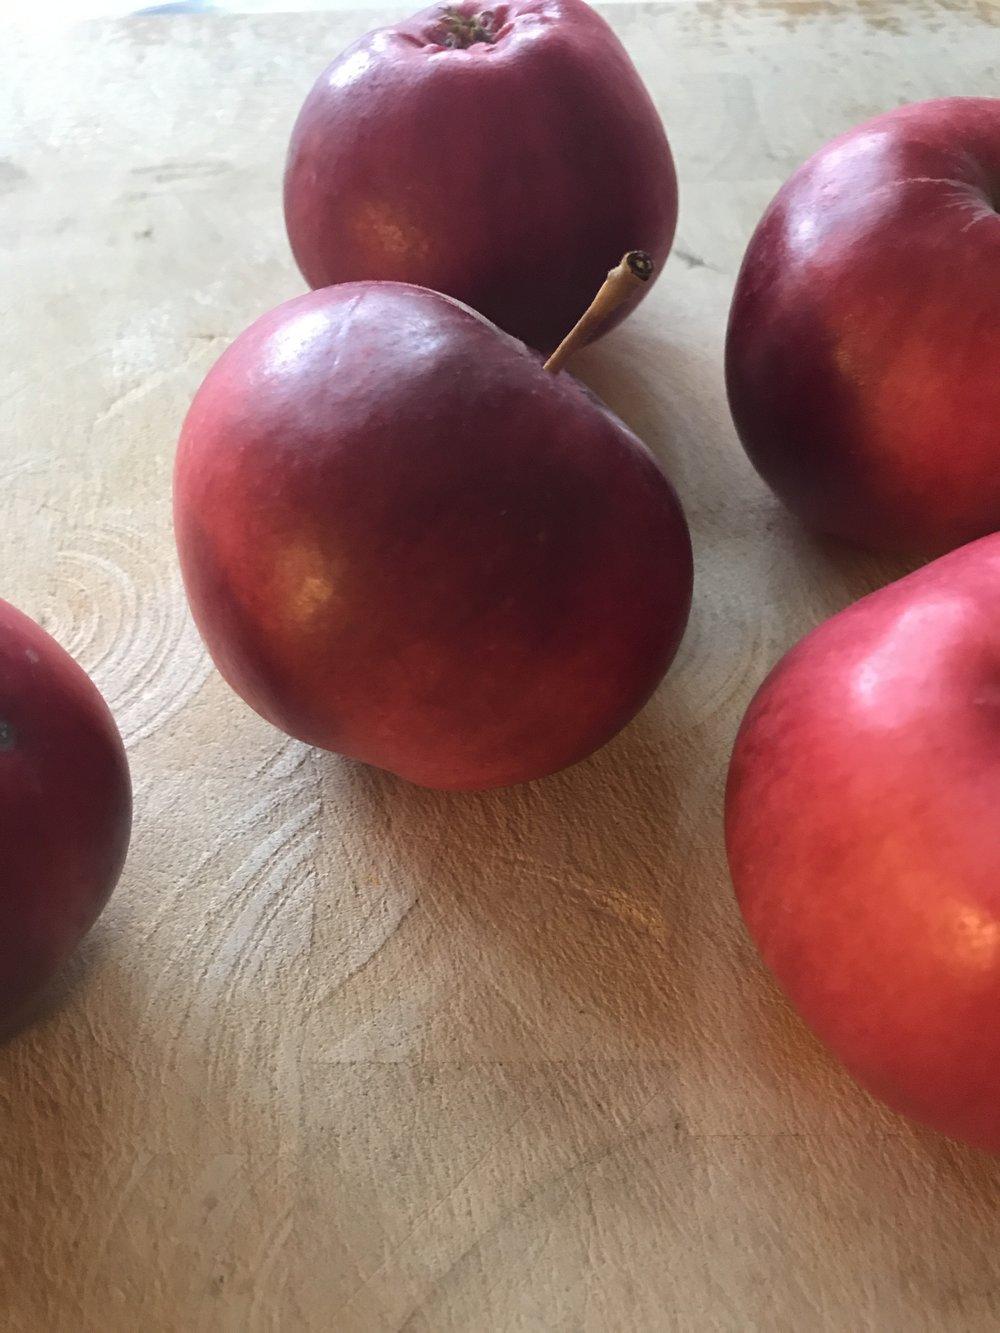 Omenat ovat yksi vahvimmista maksan eheyttäjistä. Ne nesteyttävät syvällä tasolla ja puhdistavat suolistoa.